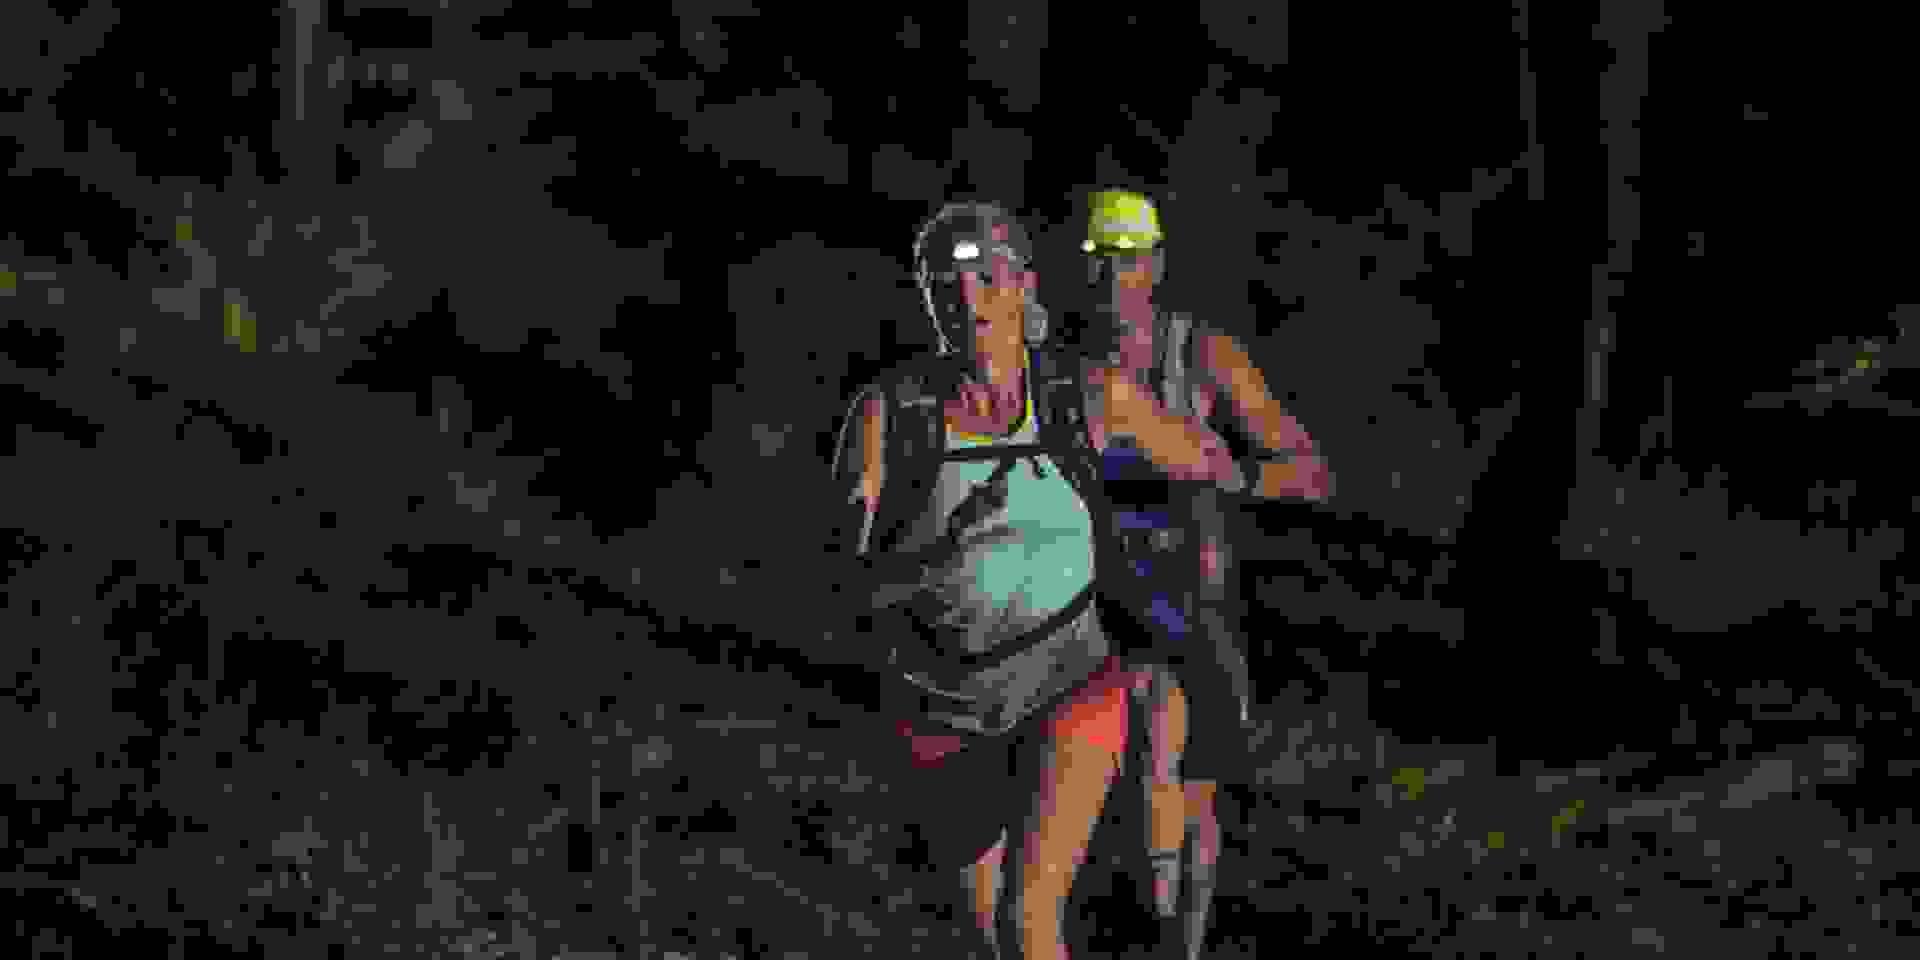 2 Trailrunner während des Laufens von vorne im Dunkeln fotografiert.